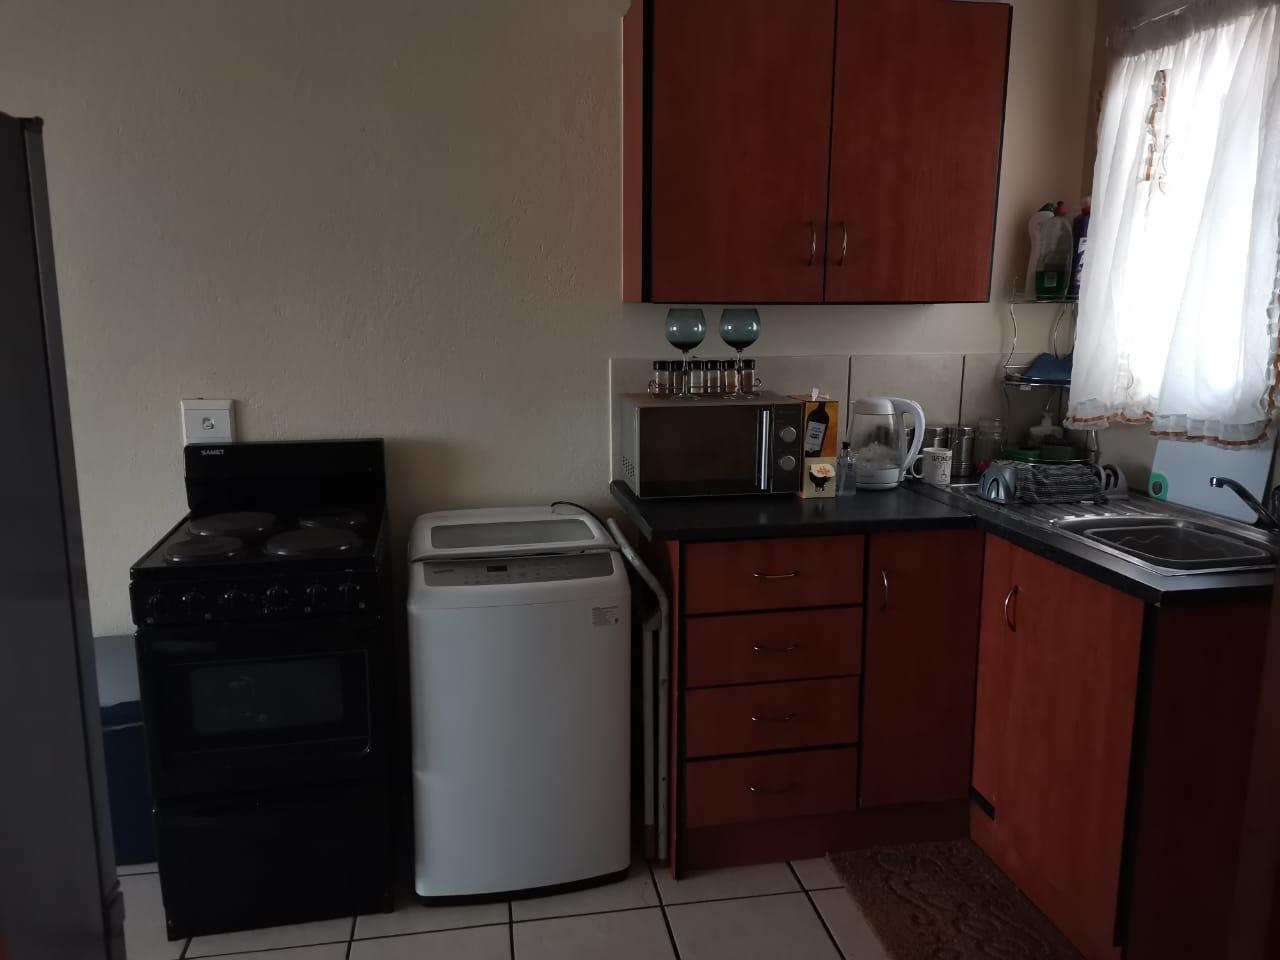 Apartment Rental Monthly in Pretoria West